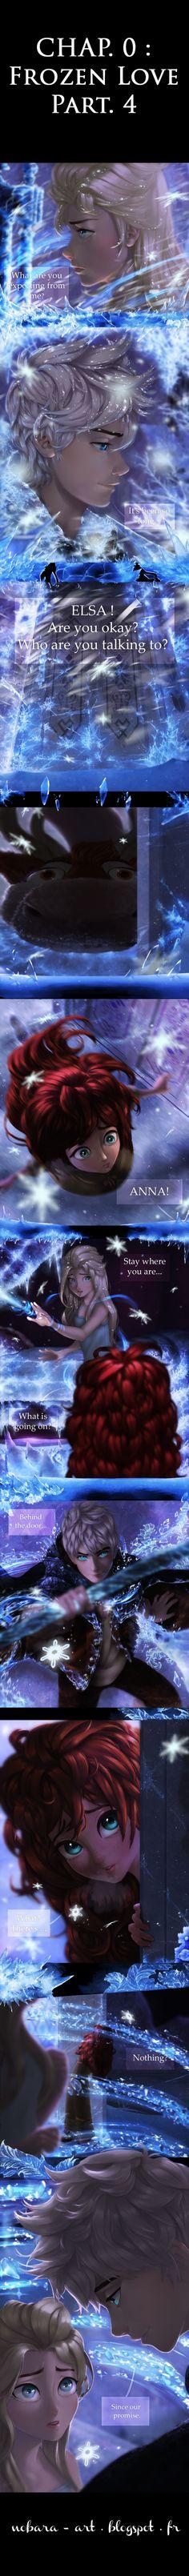 Frozen Love - part 4 by Wild-nobara on DeviantArt